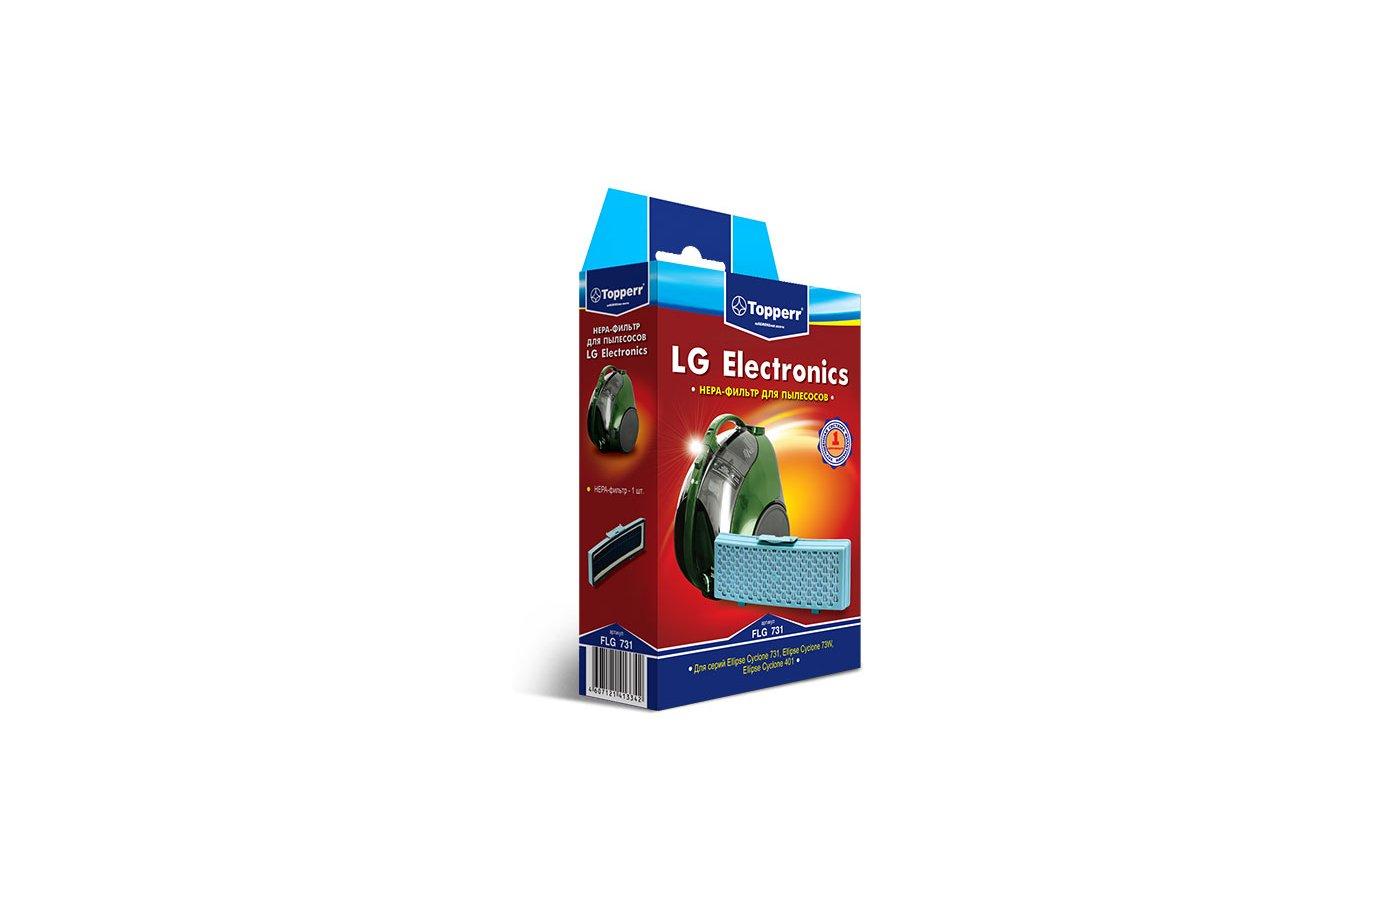 Фильтр для пылесоса TOPPERR 1131 FLG 731 HEPA-фильтр д/пылесосов LG VK73... (ADQ73254301)